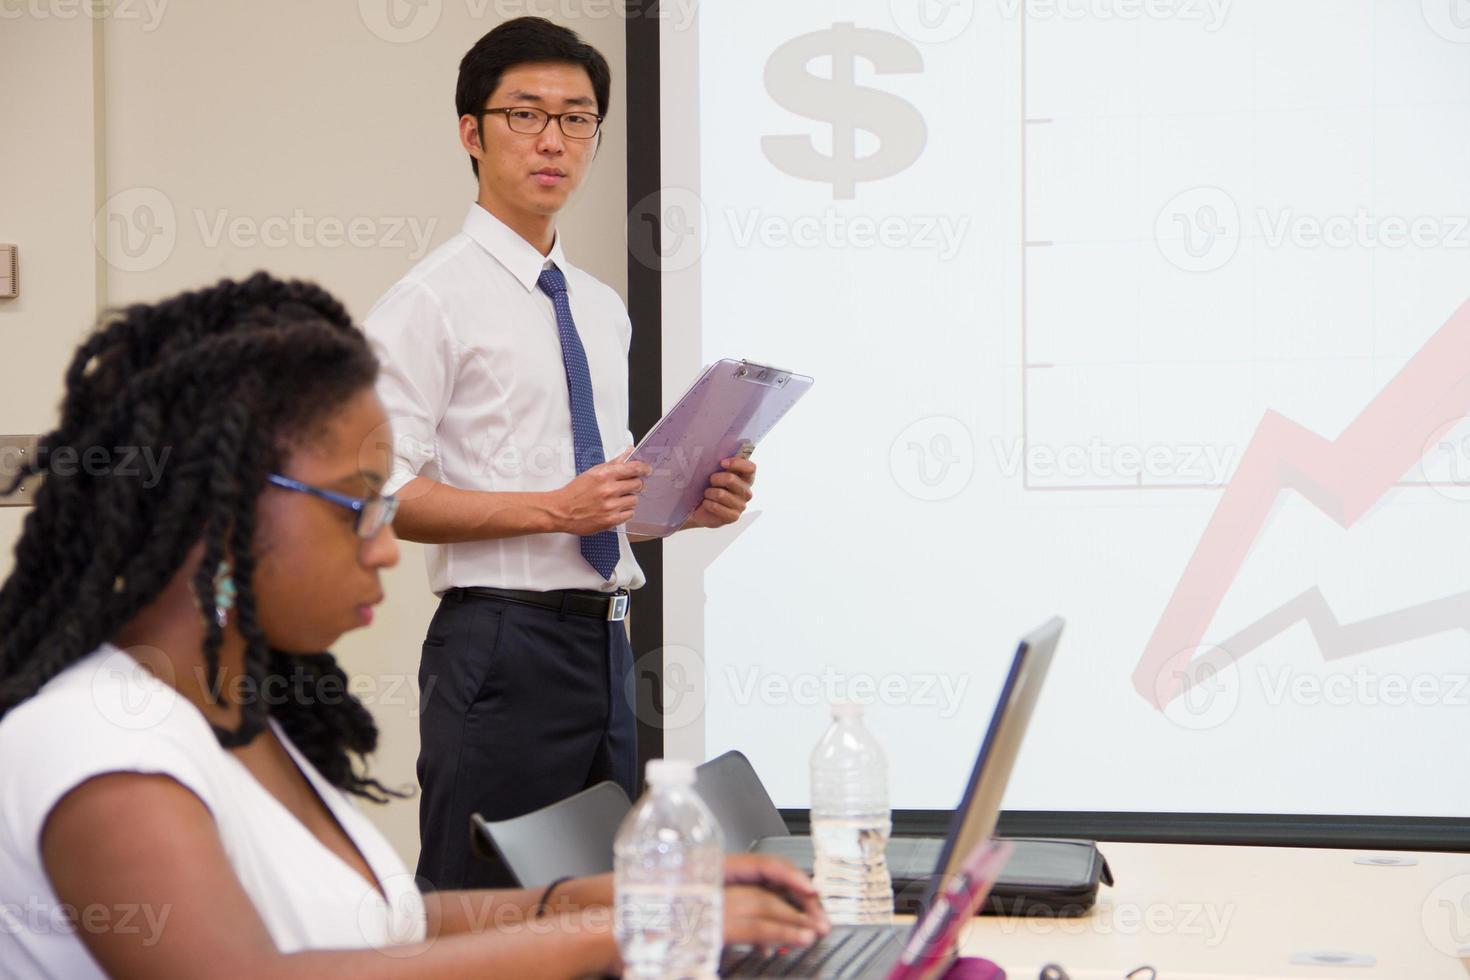 presentator presenteert & studenten werken in internationale klaslokaal foto